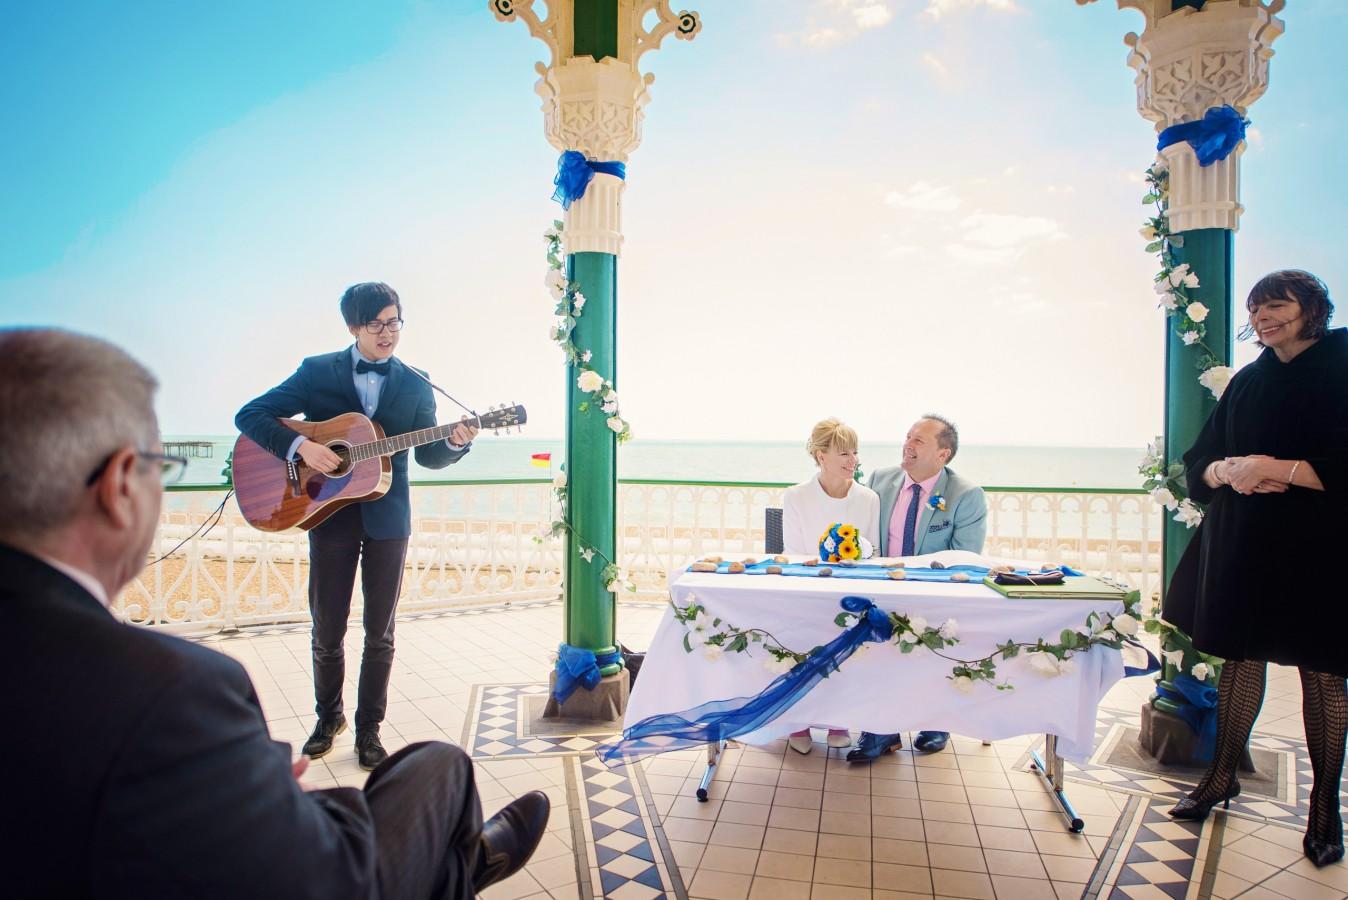 Hampshire Wedding Photographer - GK Photography-73